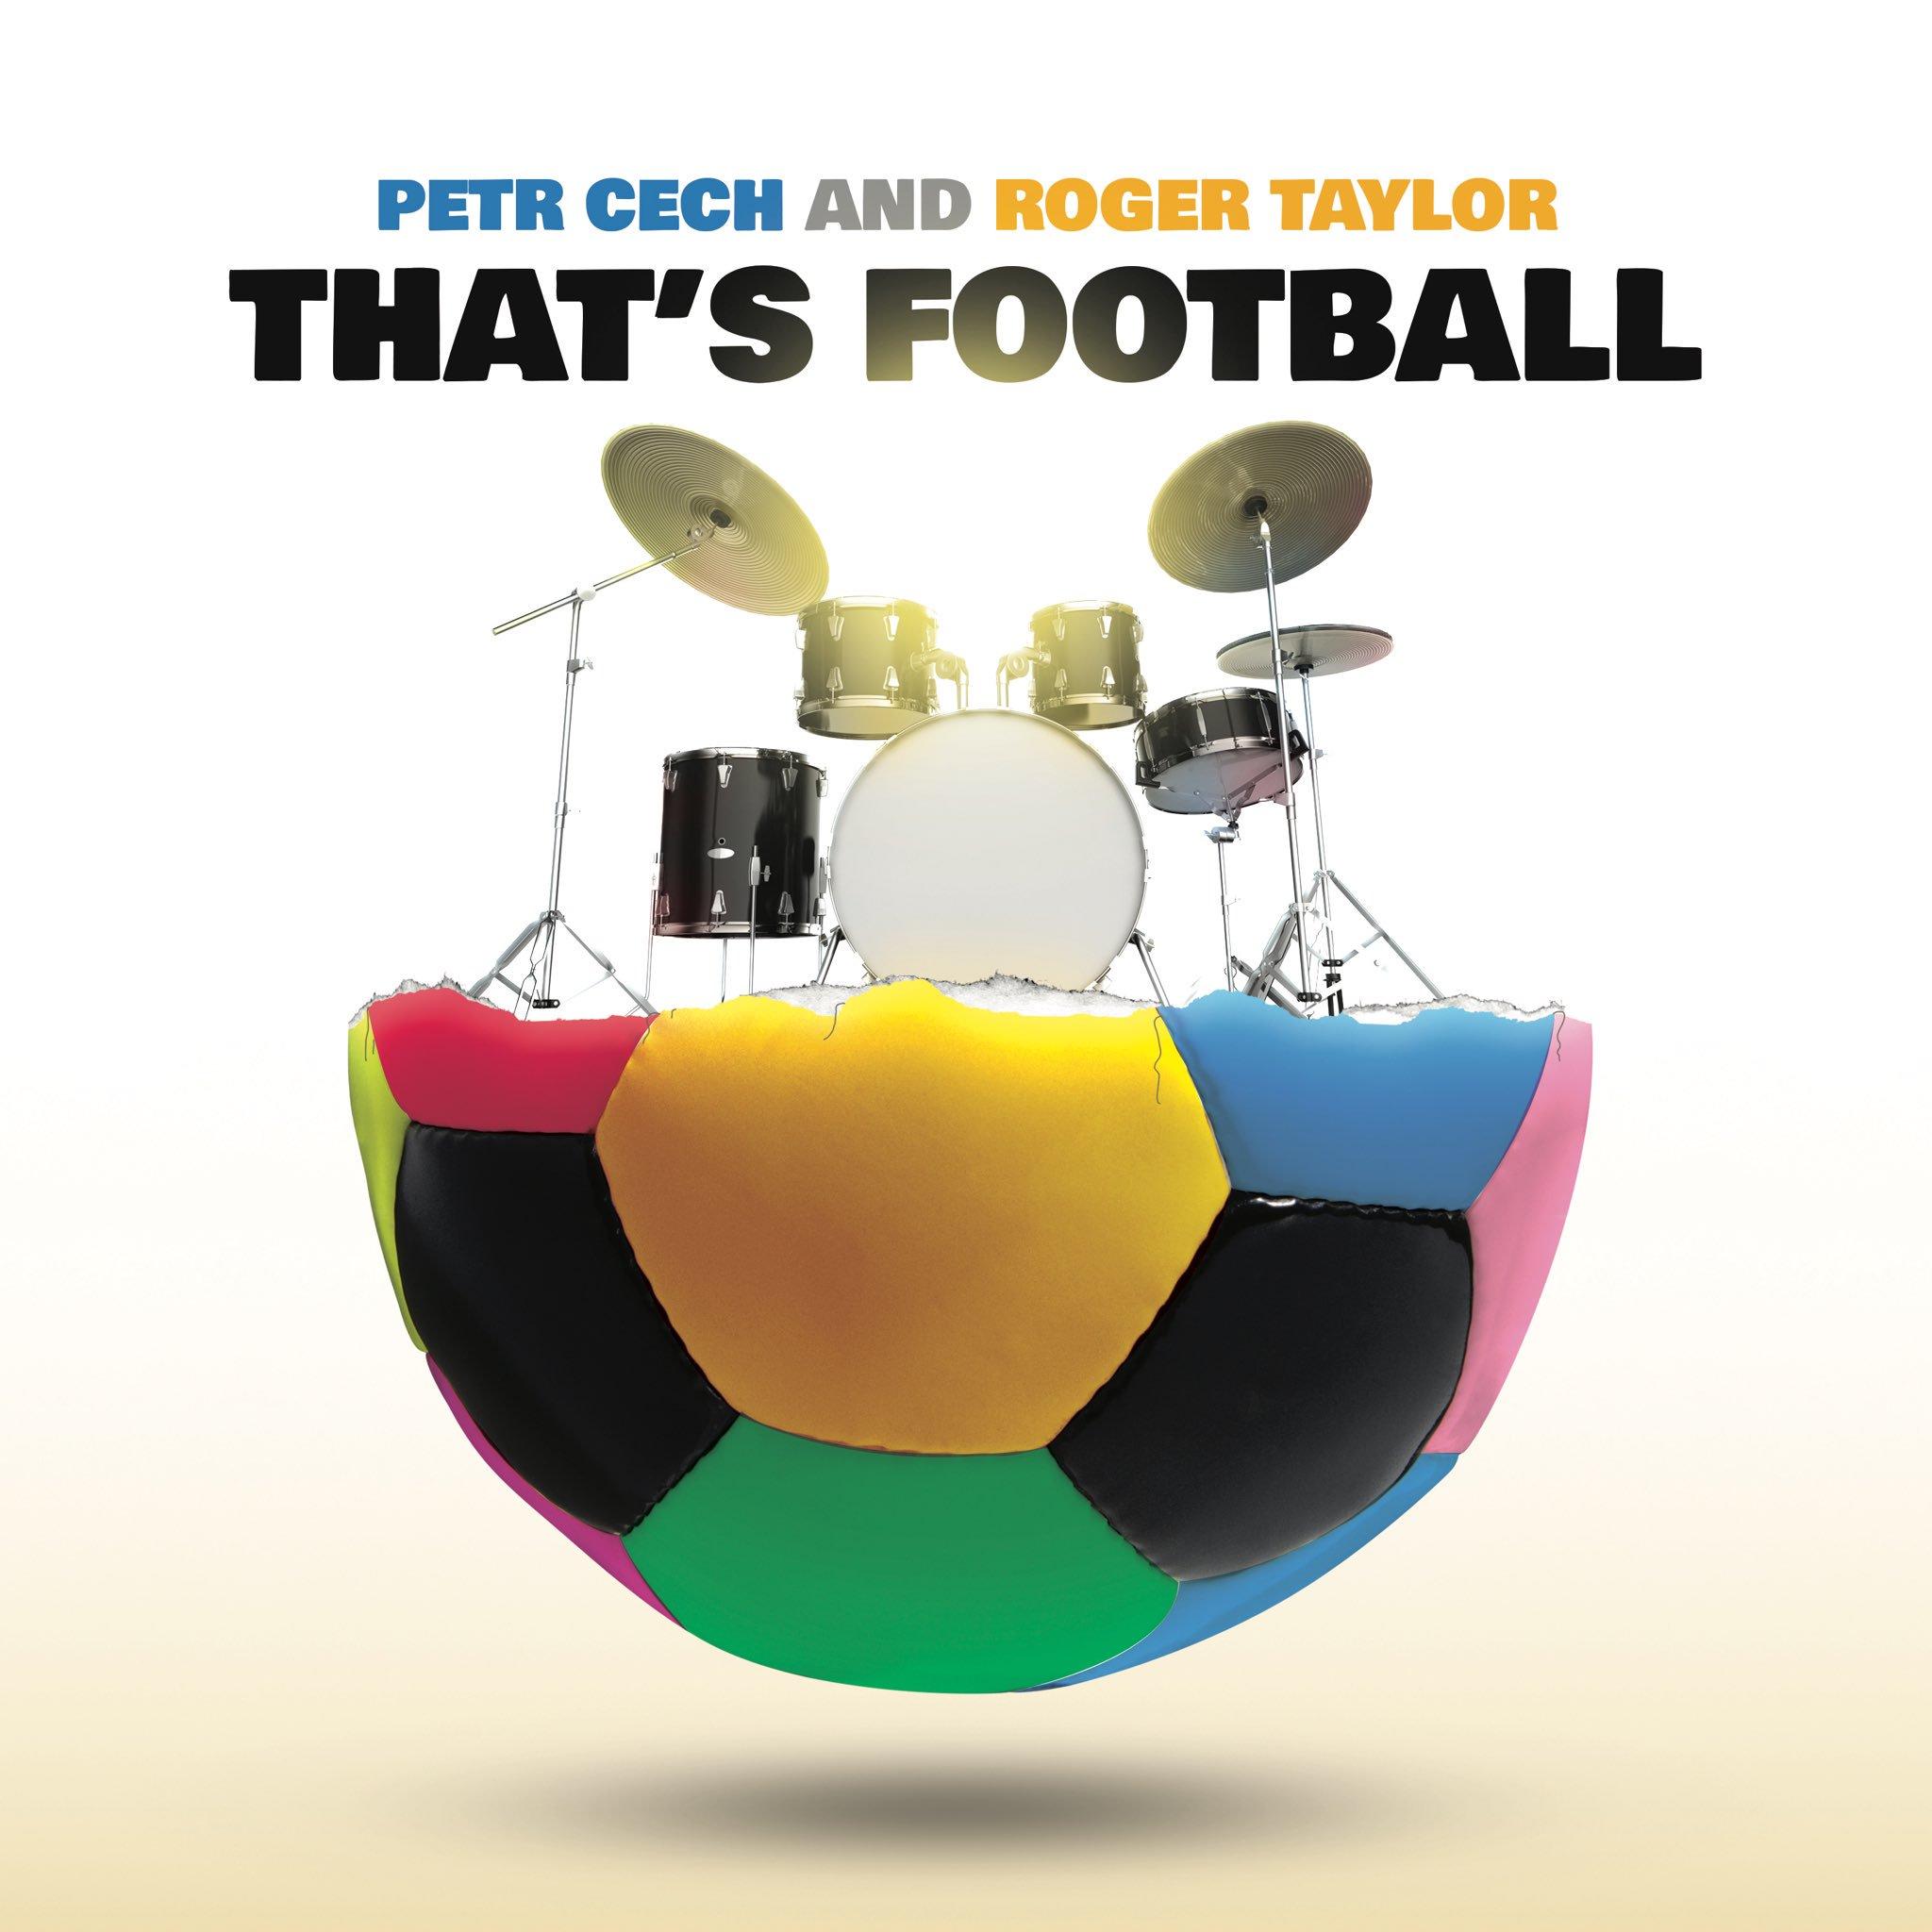 """Résultat de recherche d'images pour """"thats football cech taylor"""""""